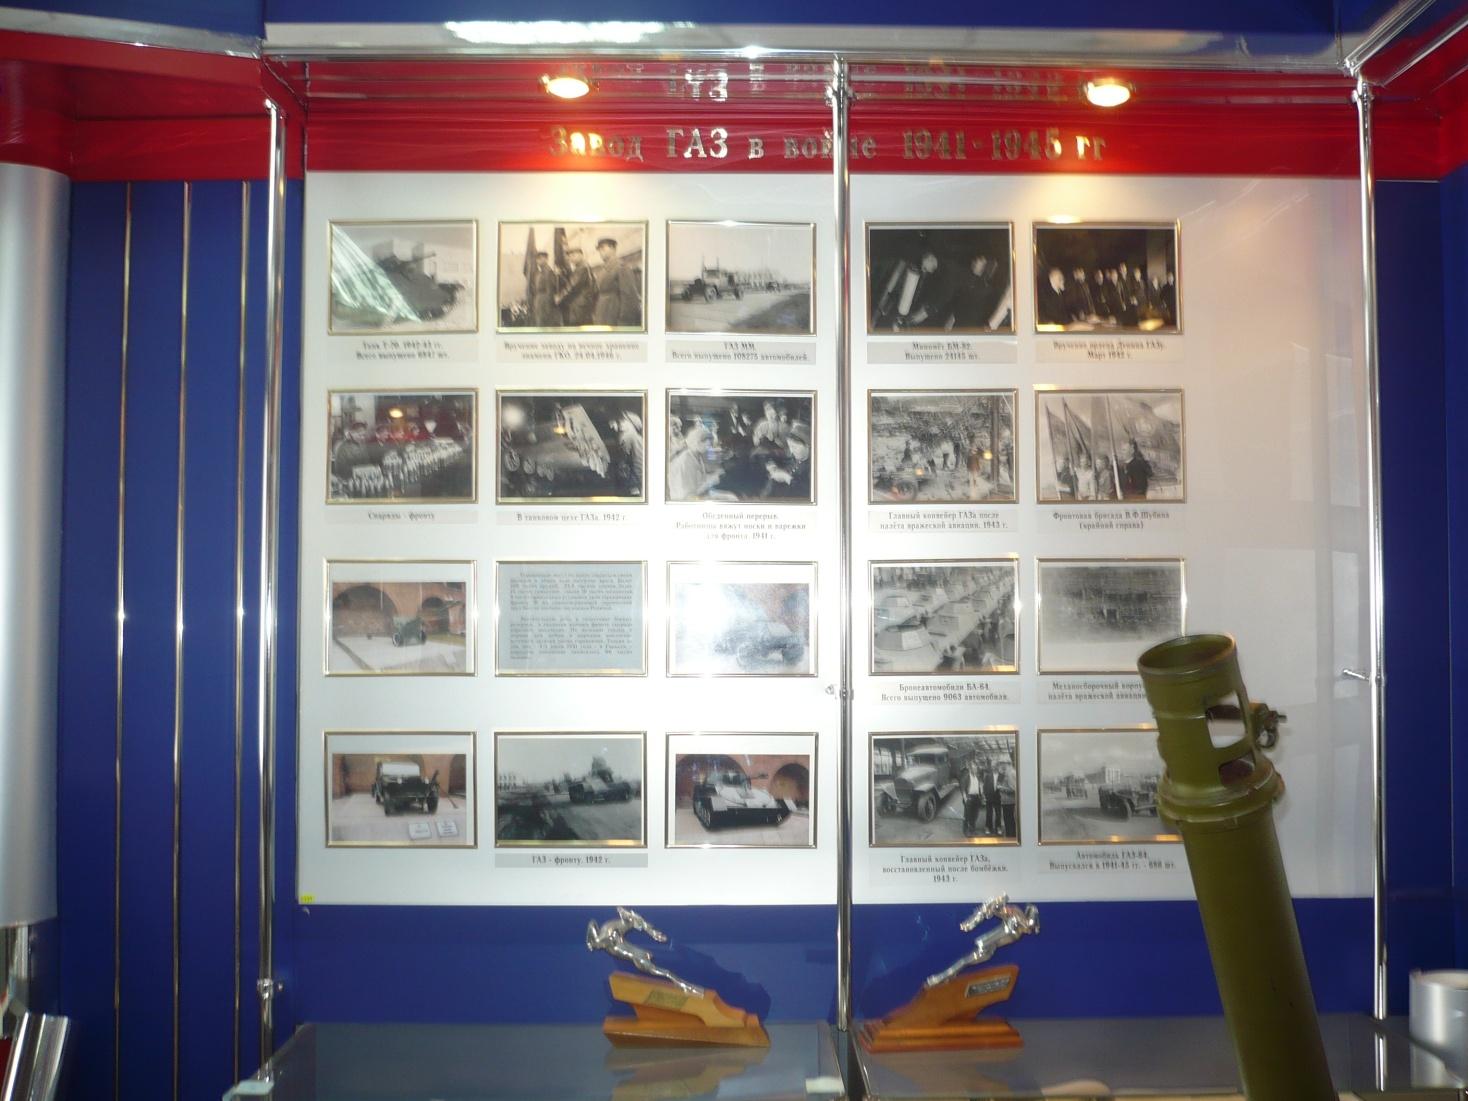 I:\Архив\разное рабочий стол\разное\Т.А\экскурсия в музей ГУВД\P1030084.JPG